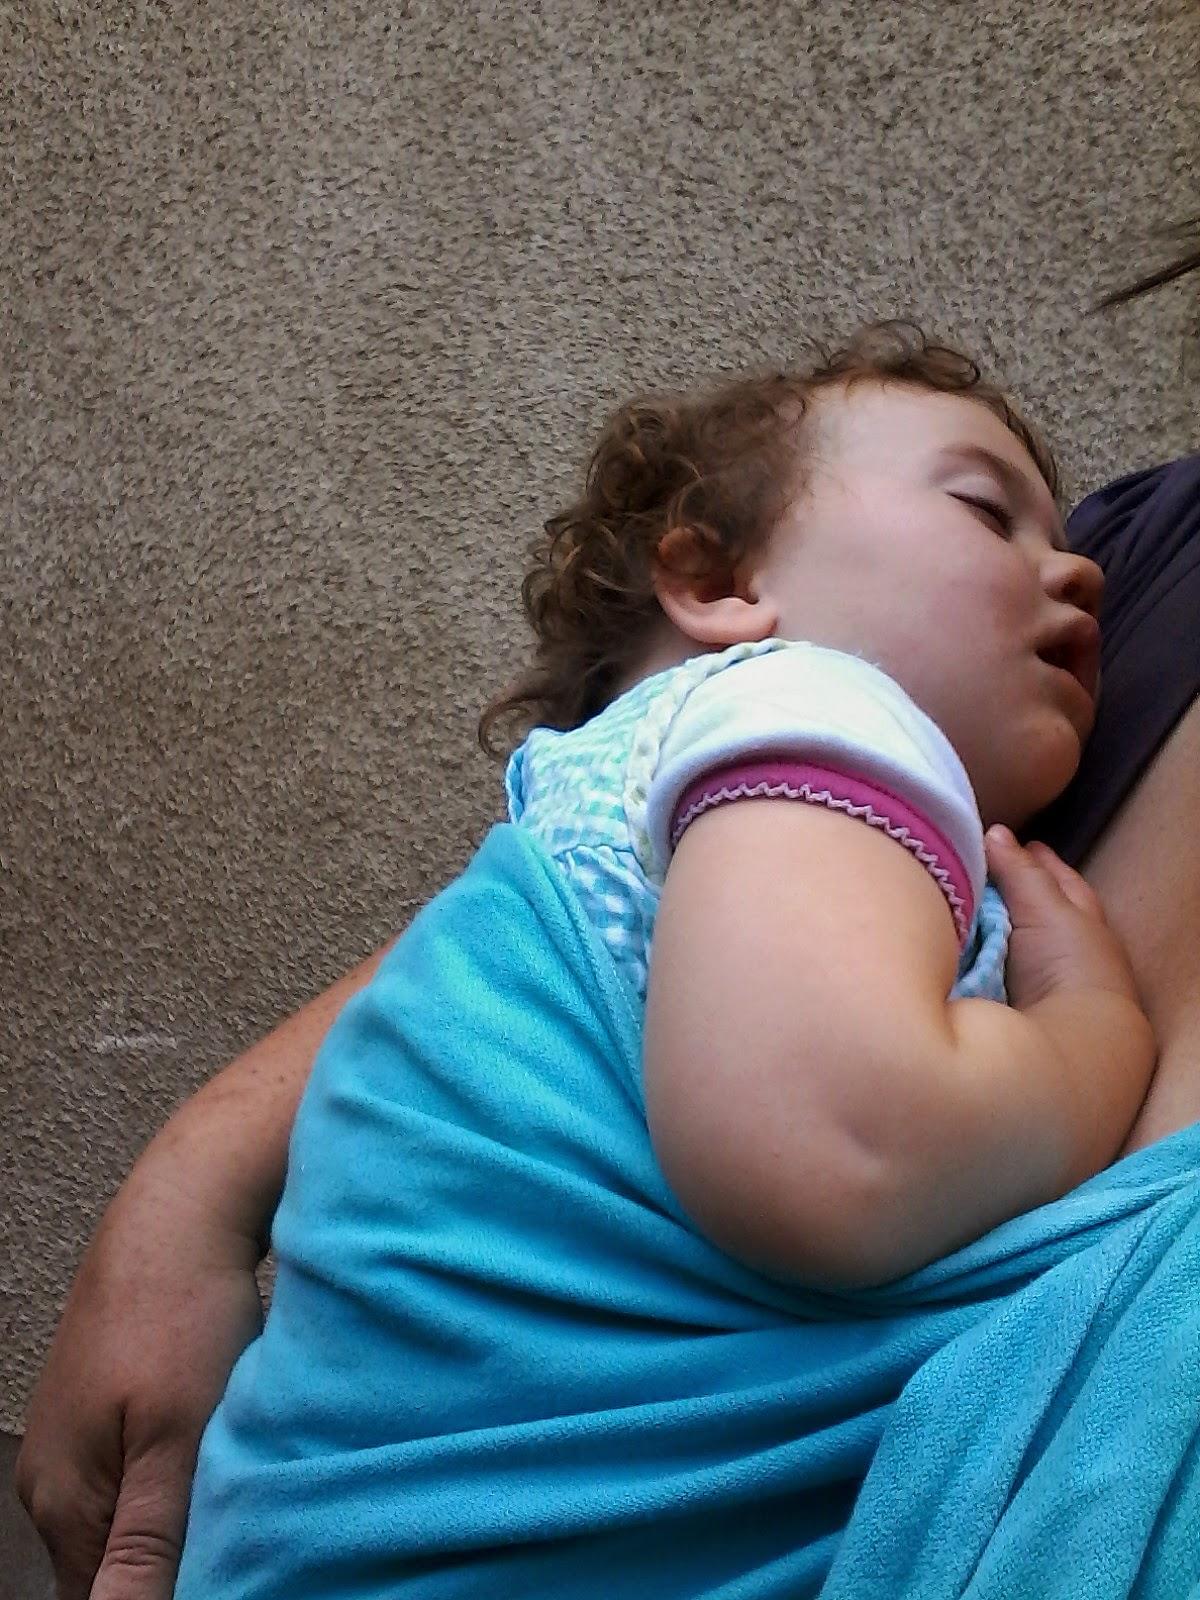 bébé bambin enfant grandit sling portage câlin amour